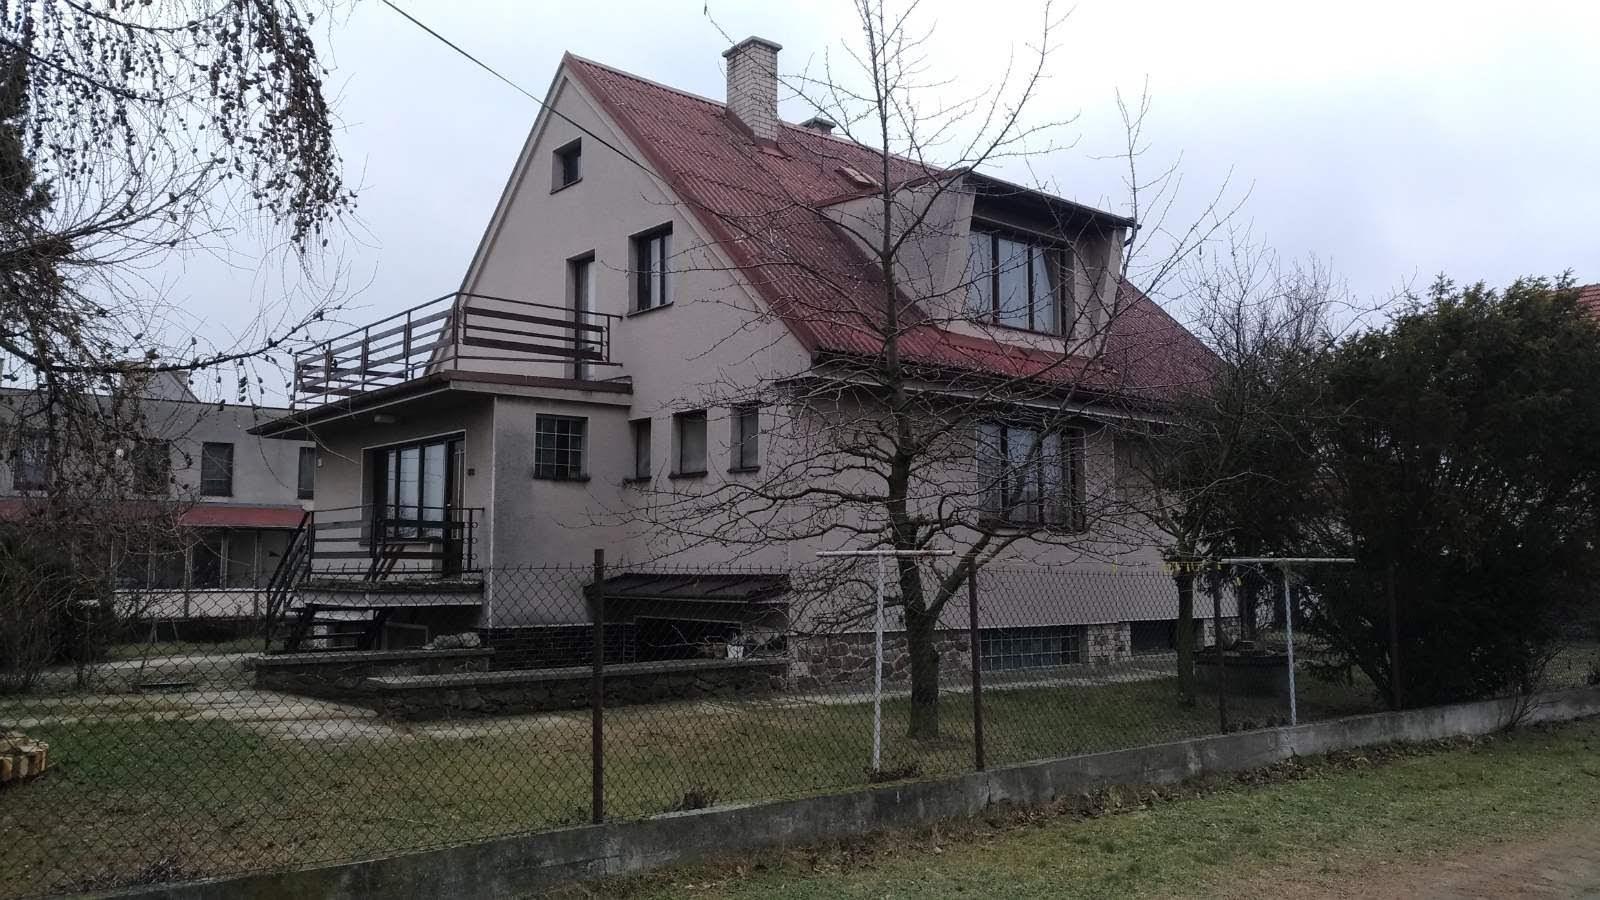 Střecha je konečně hotová - původní stav před výměnou oken a střechy